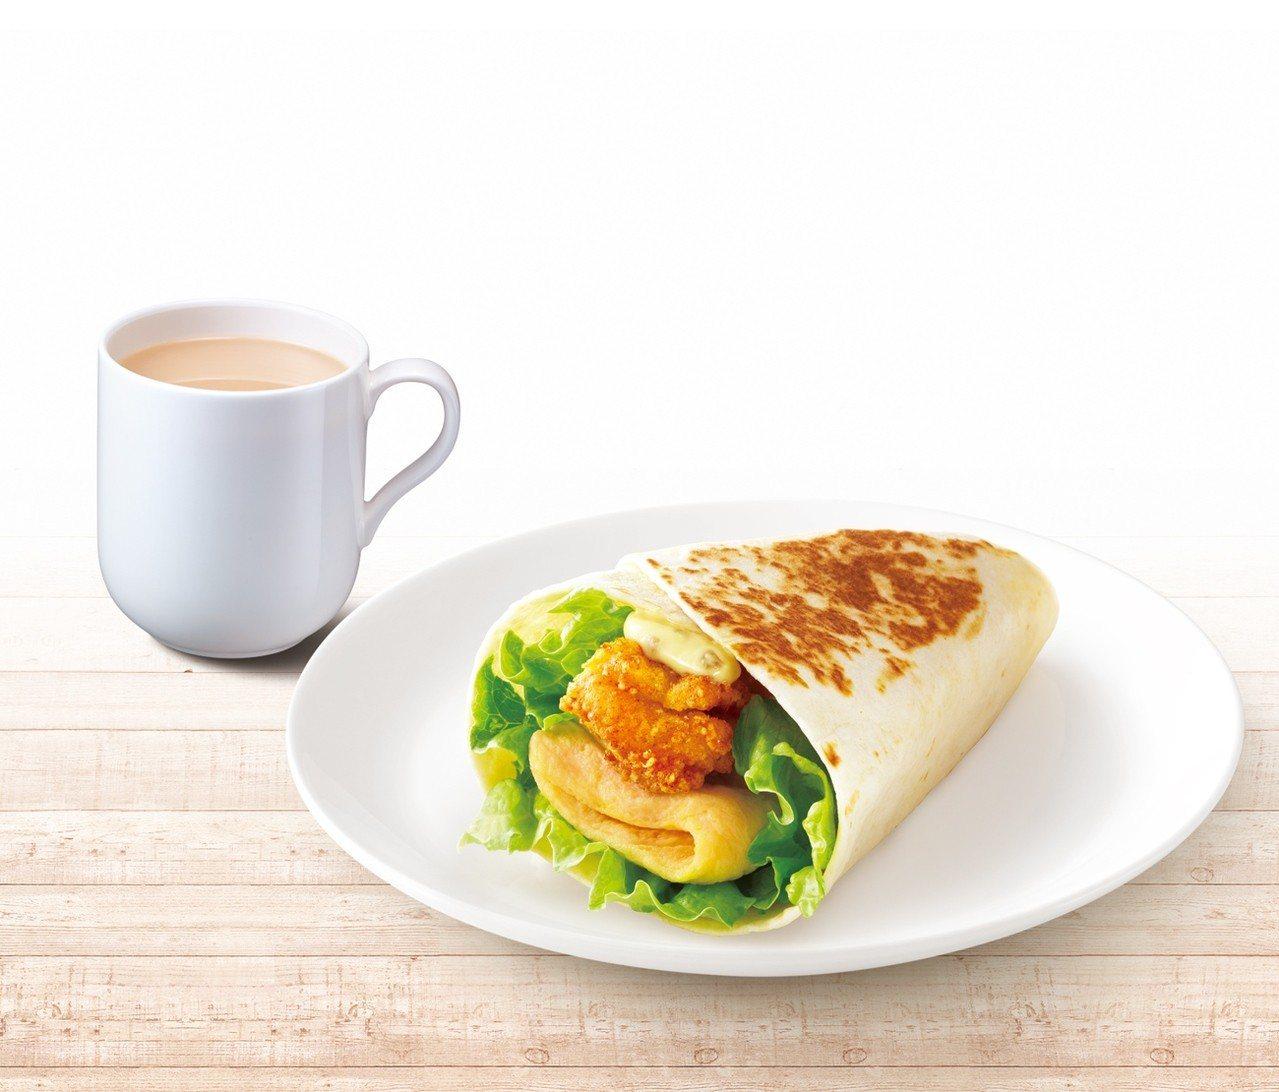 「吮指嫩雞蛋烤餅套餐」自9月25日至10月1日,優惠售價49元。。圖/肯德基提供